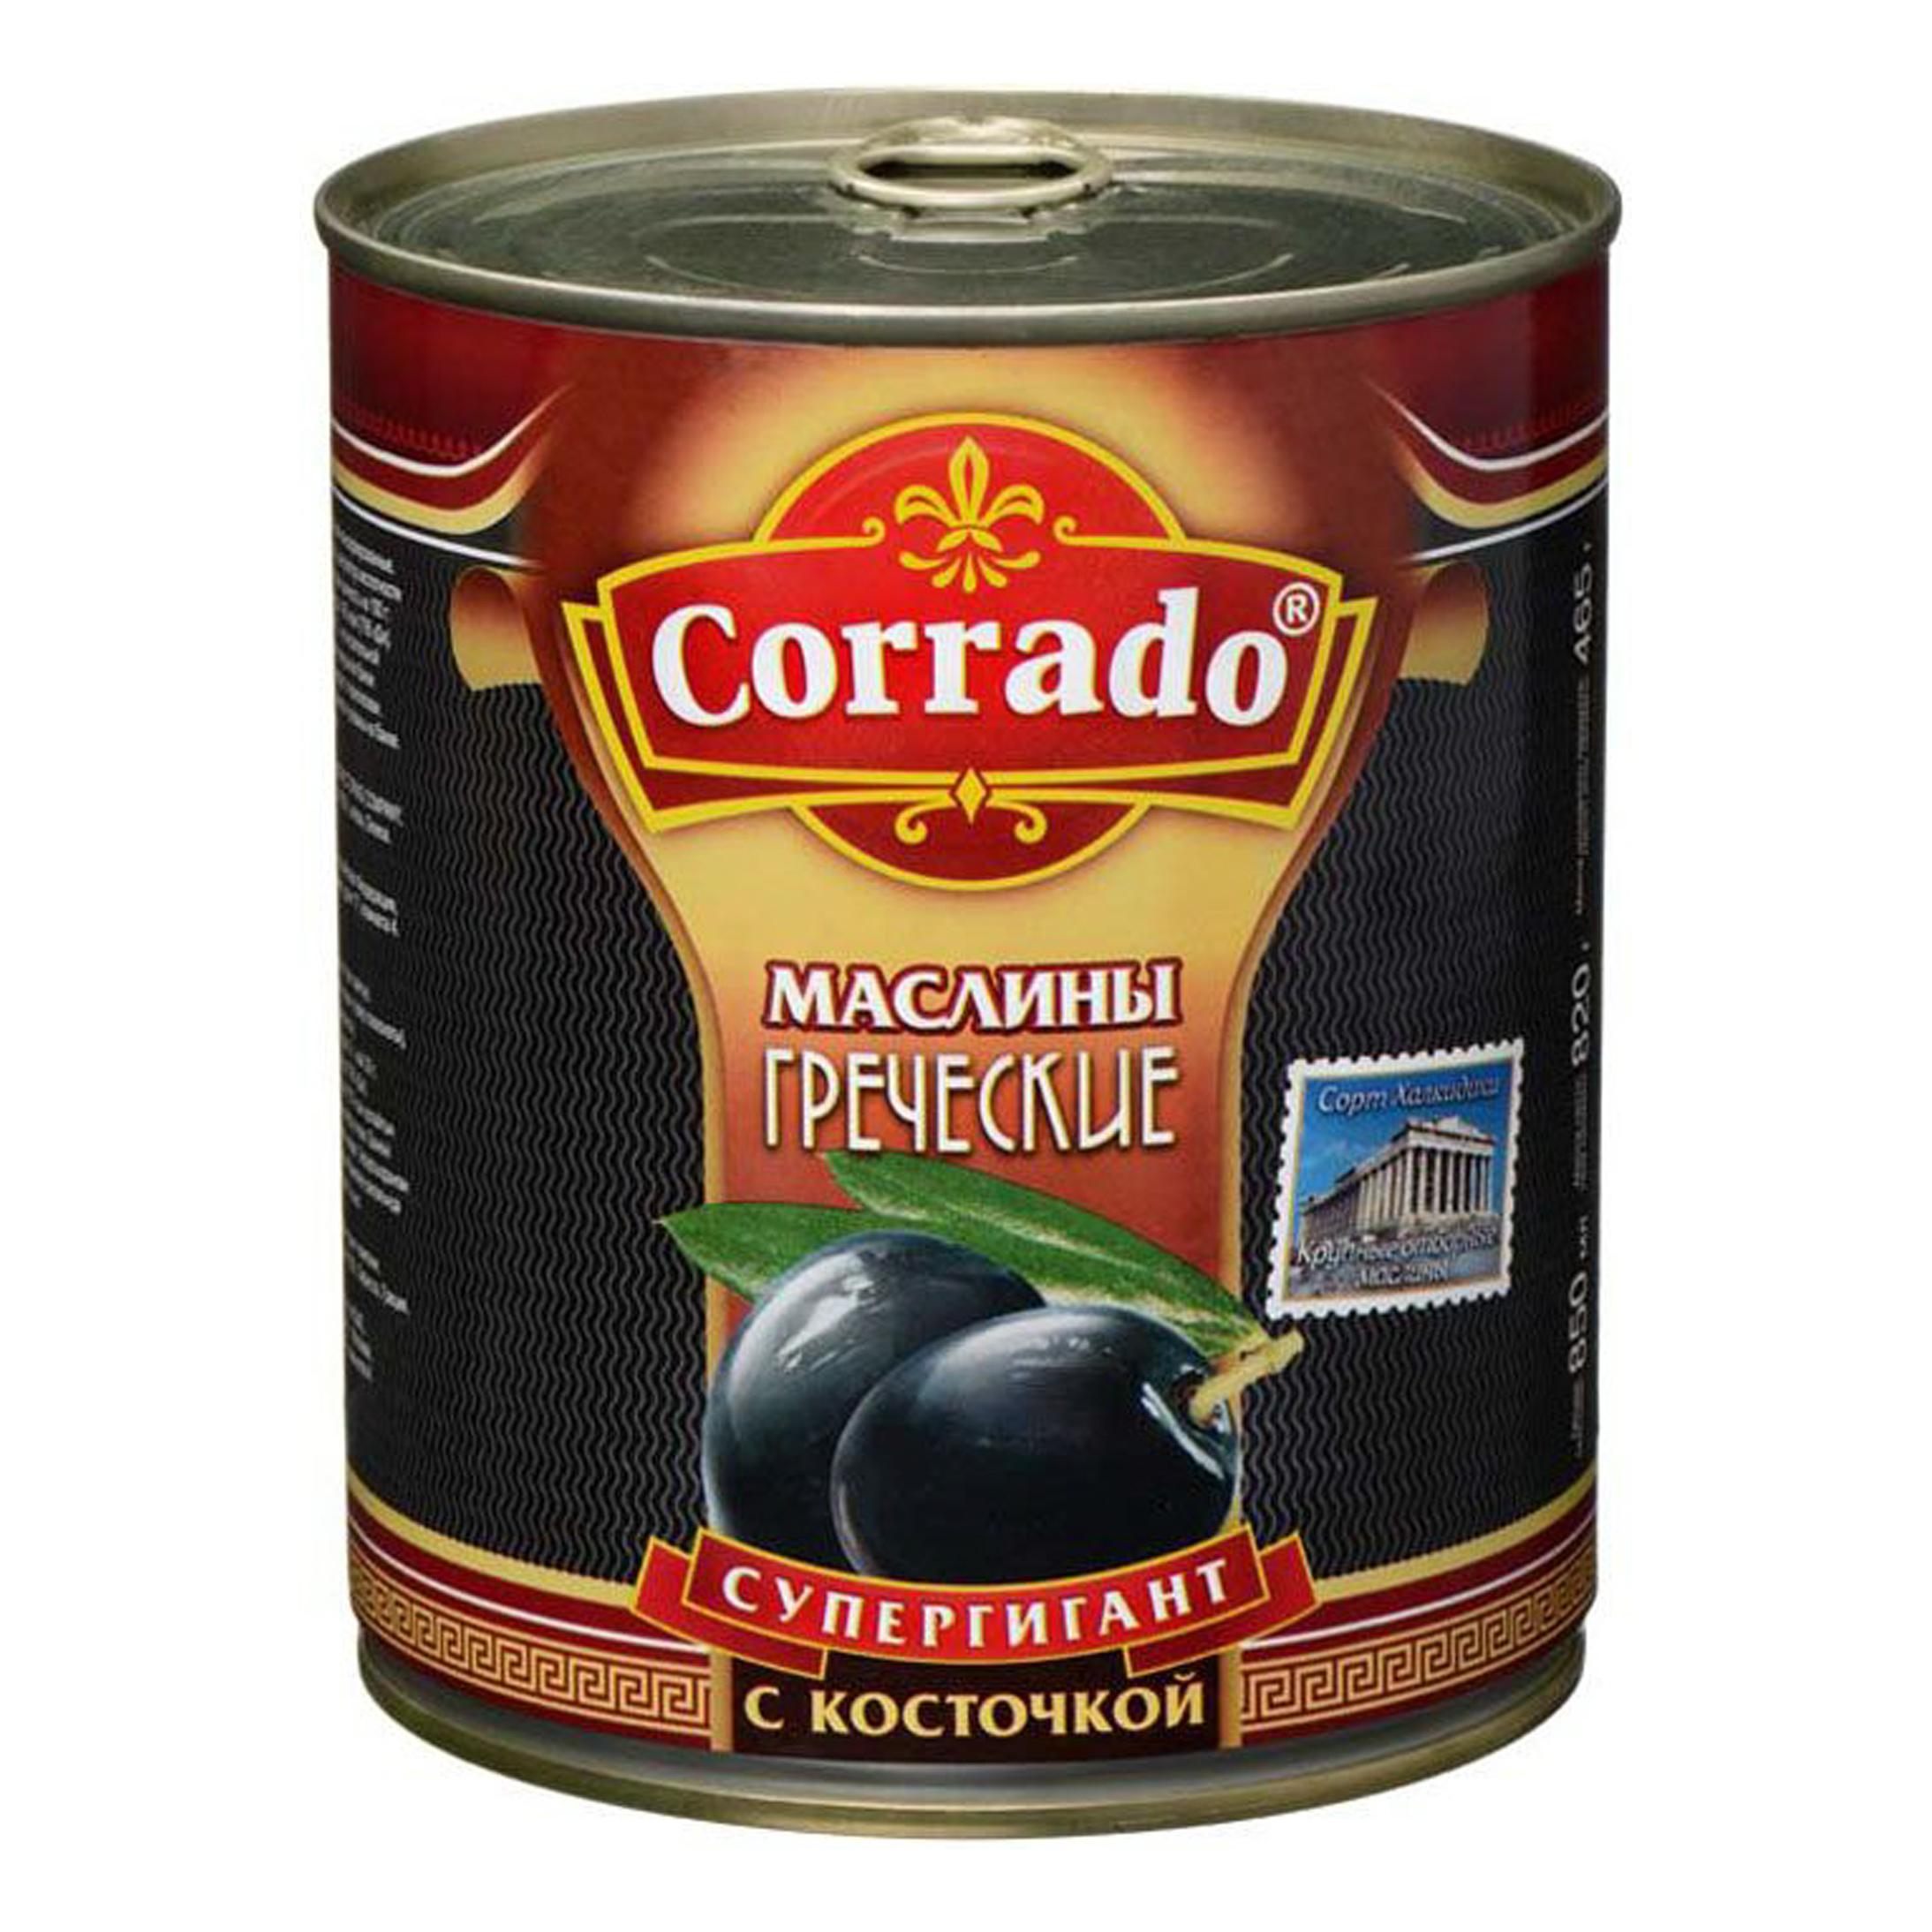 Маслины Corrado супергигант с косточкой 850 г фото